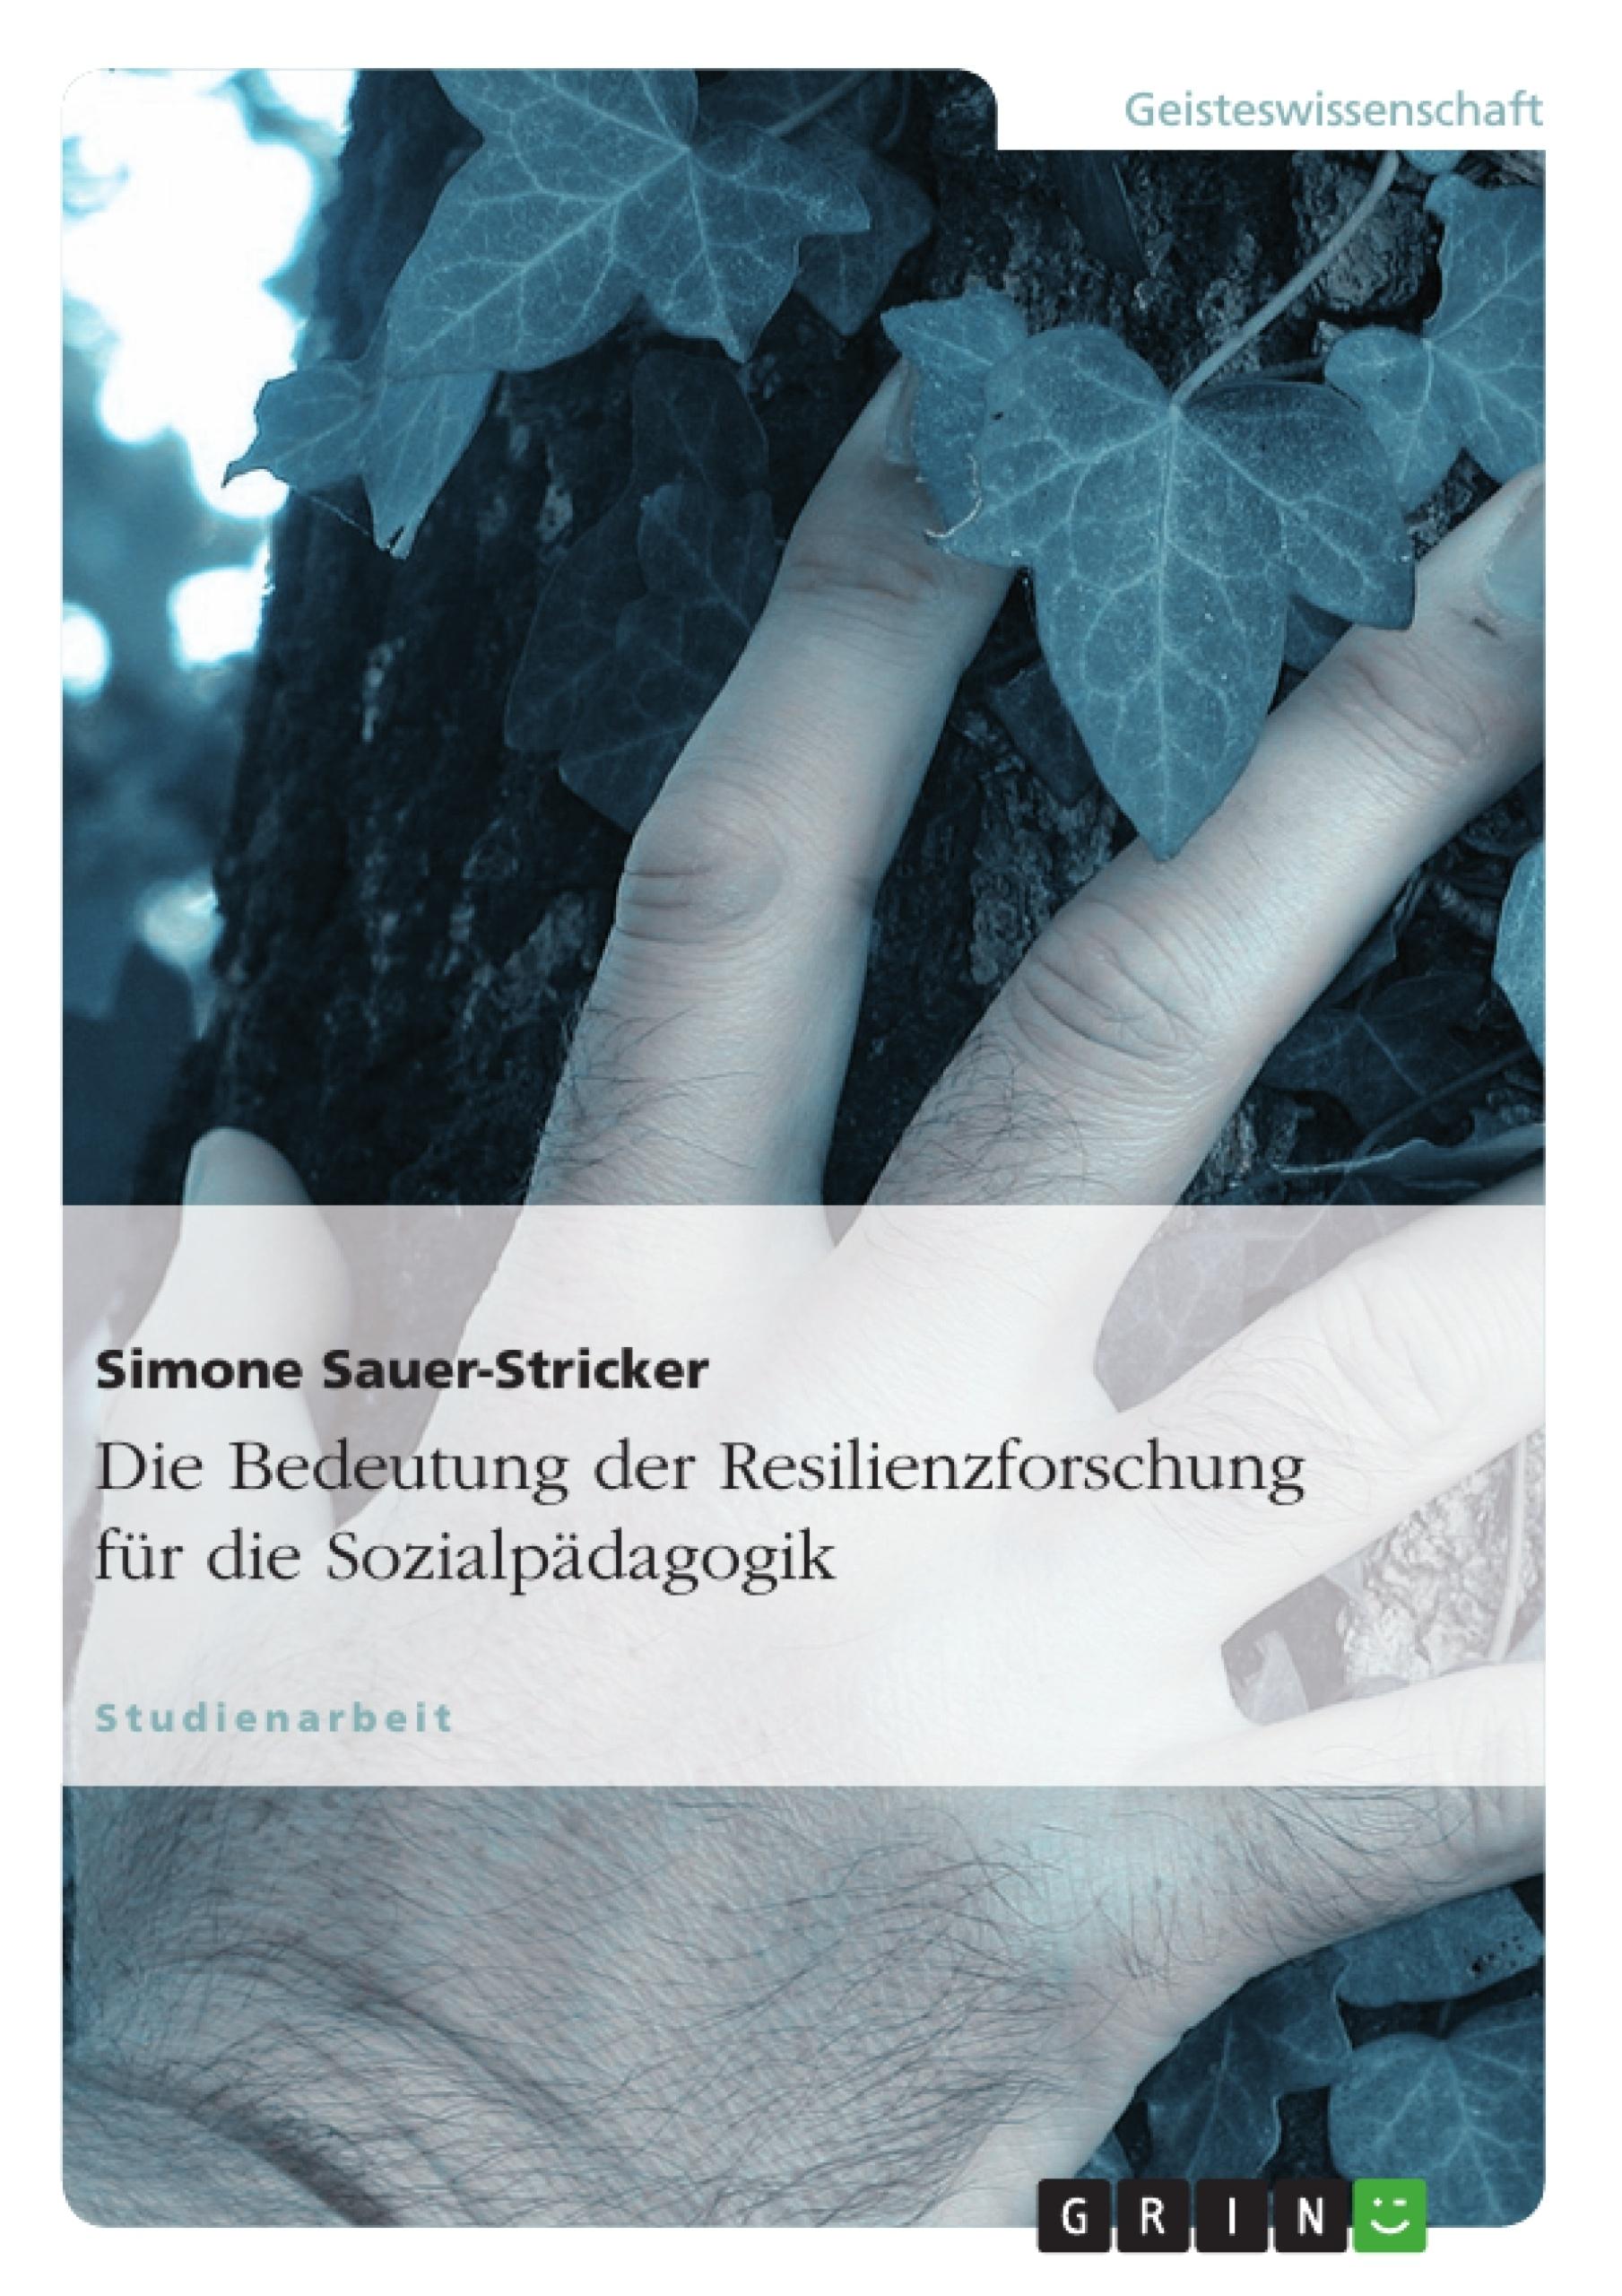 Titel: Die Bedeutung der Resilienzforschung für die Sozialpädagogik